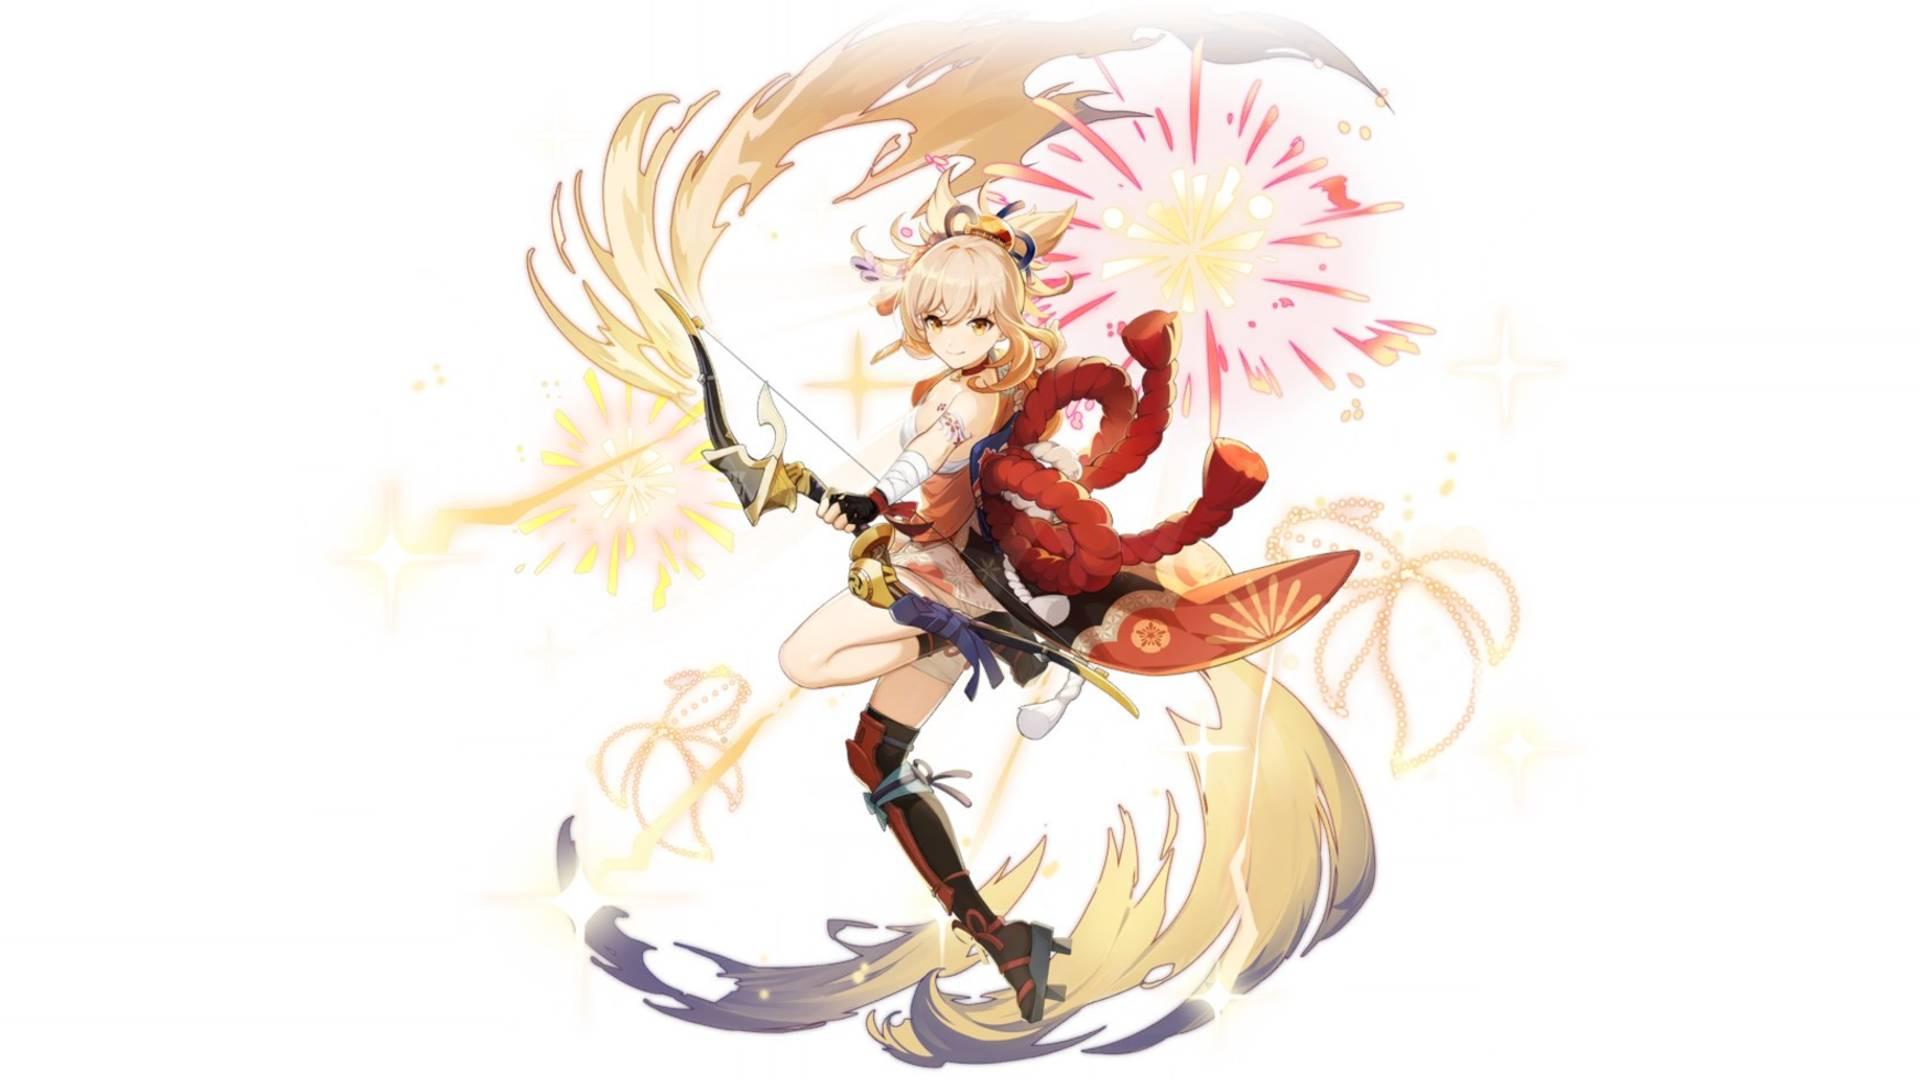 Genshin Impact Yoimiya banner and abilities